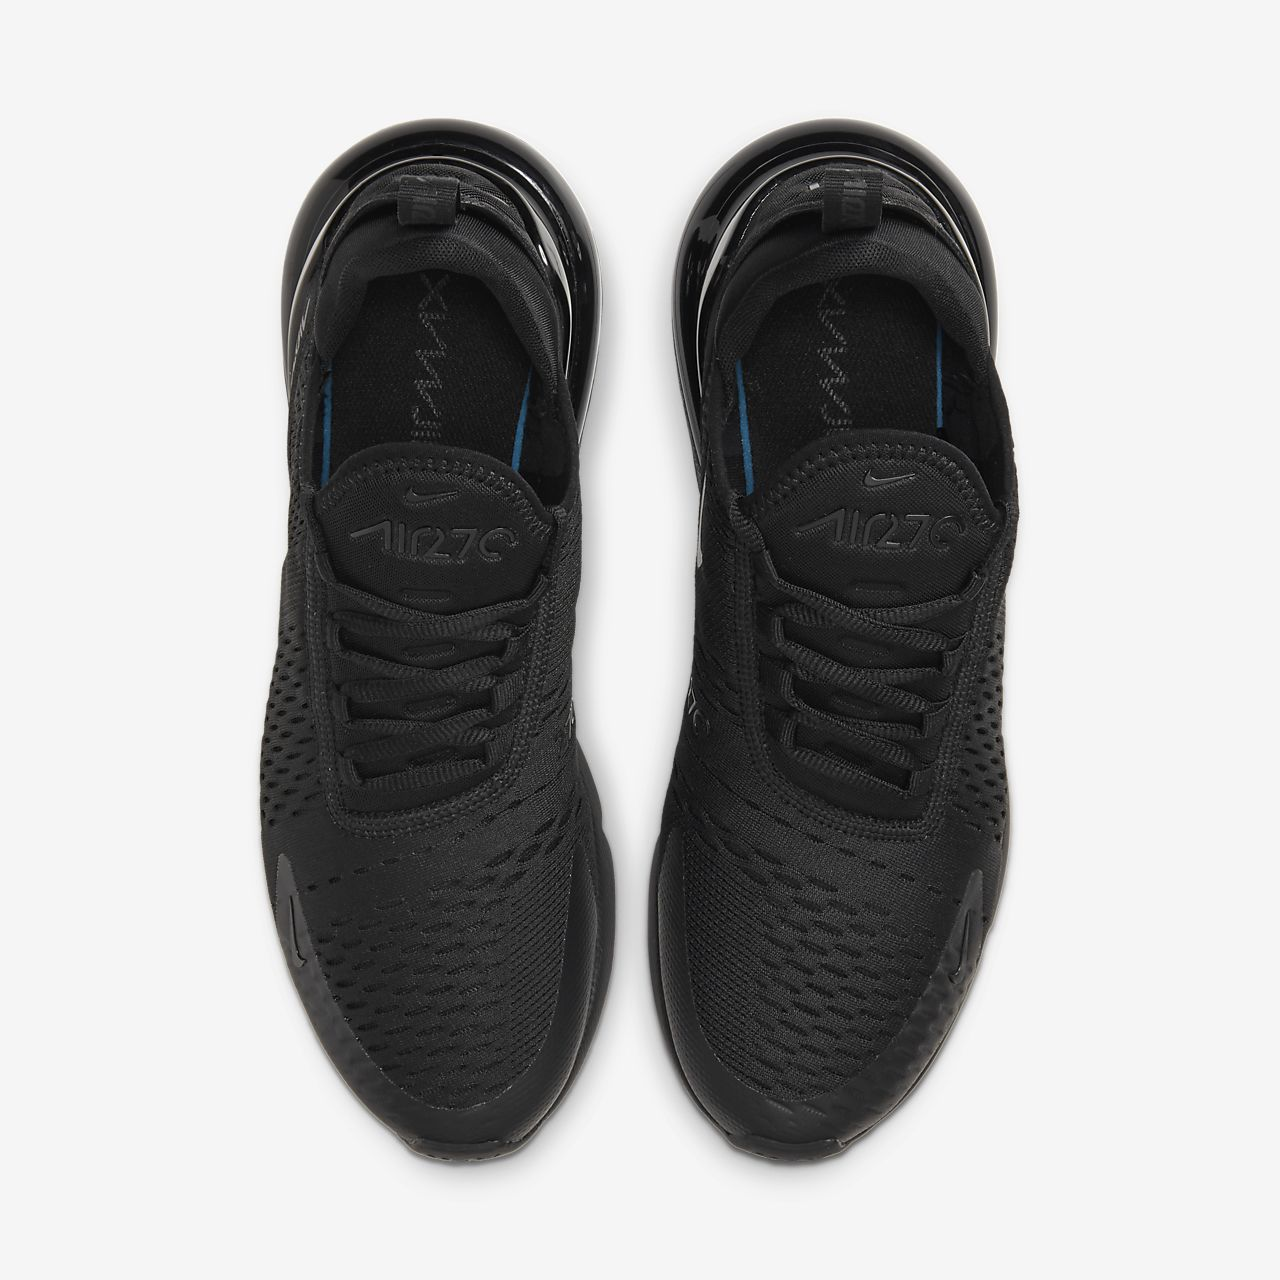 a0026fa3e49 Calzado para hombre Nike Air Max 270. Nike.com MX